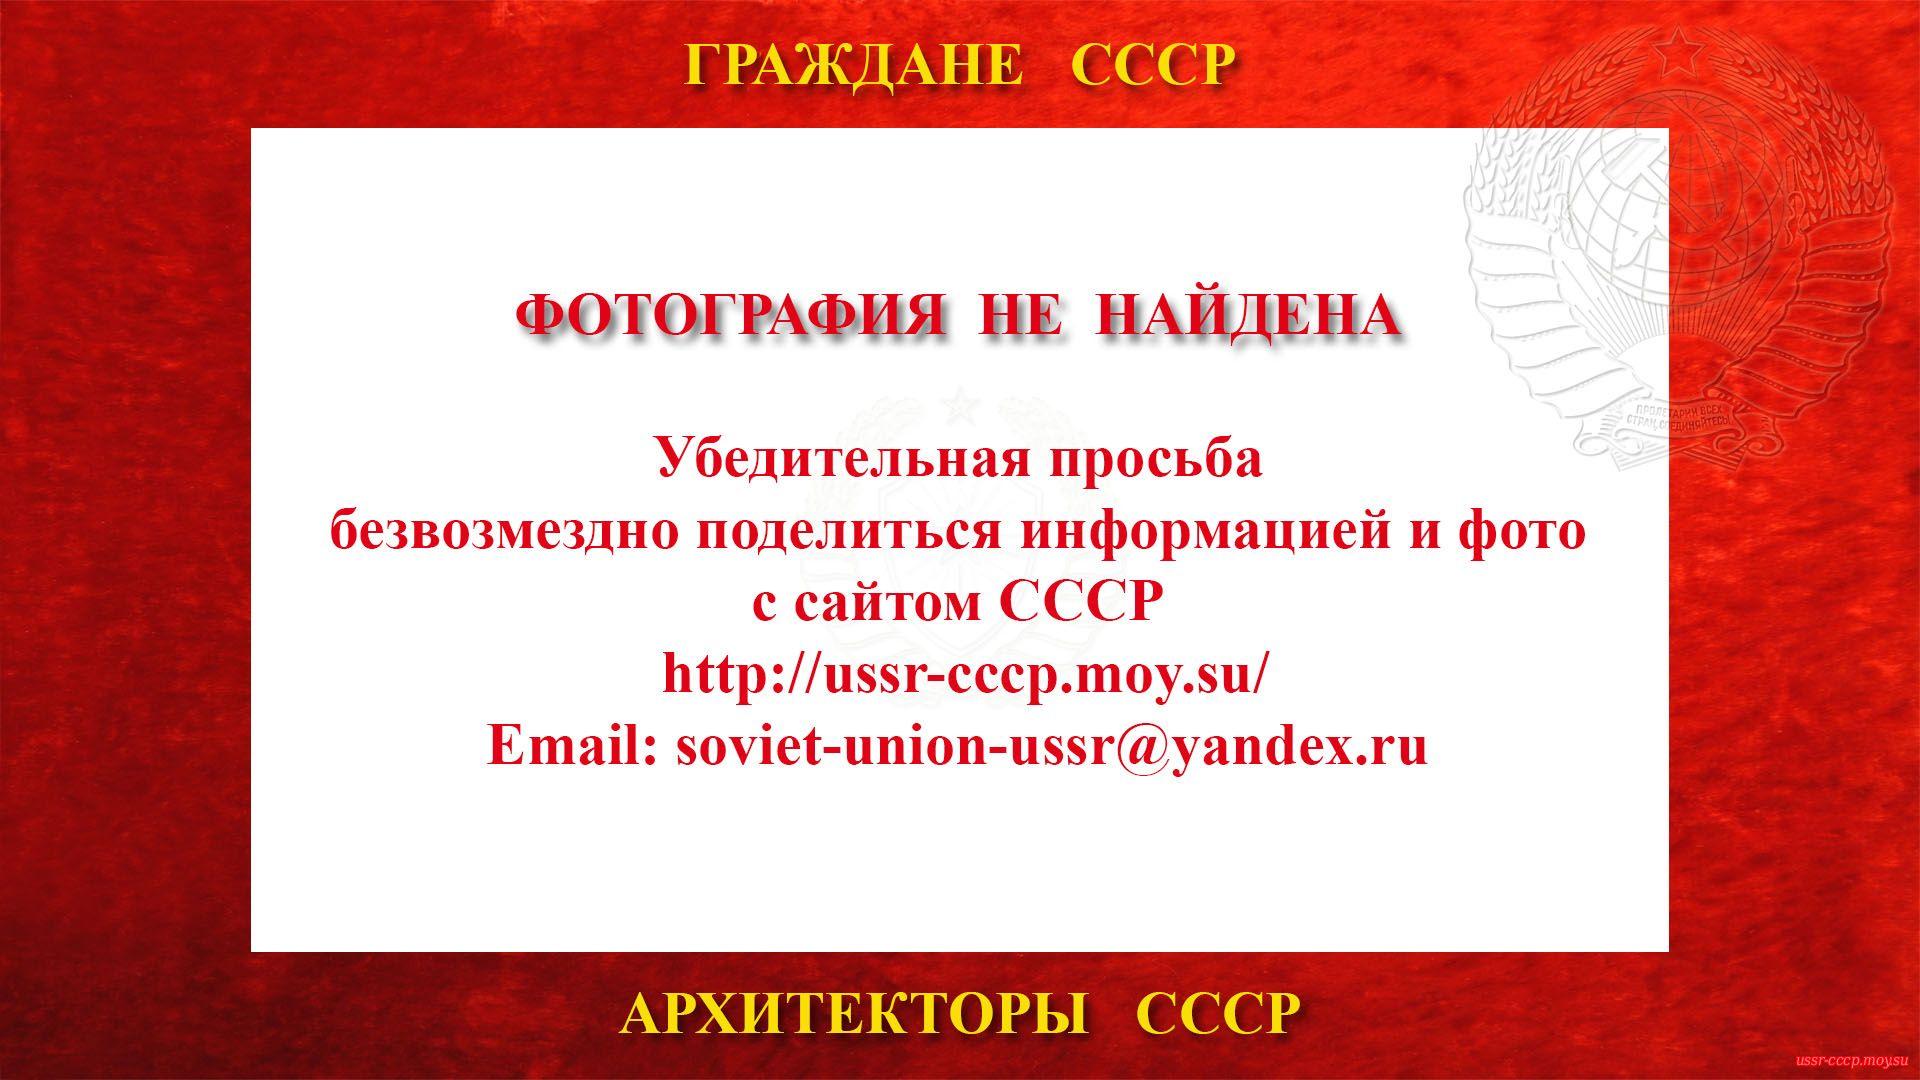 Яковлев Г. П. (биография не найдена)